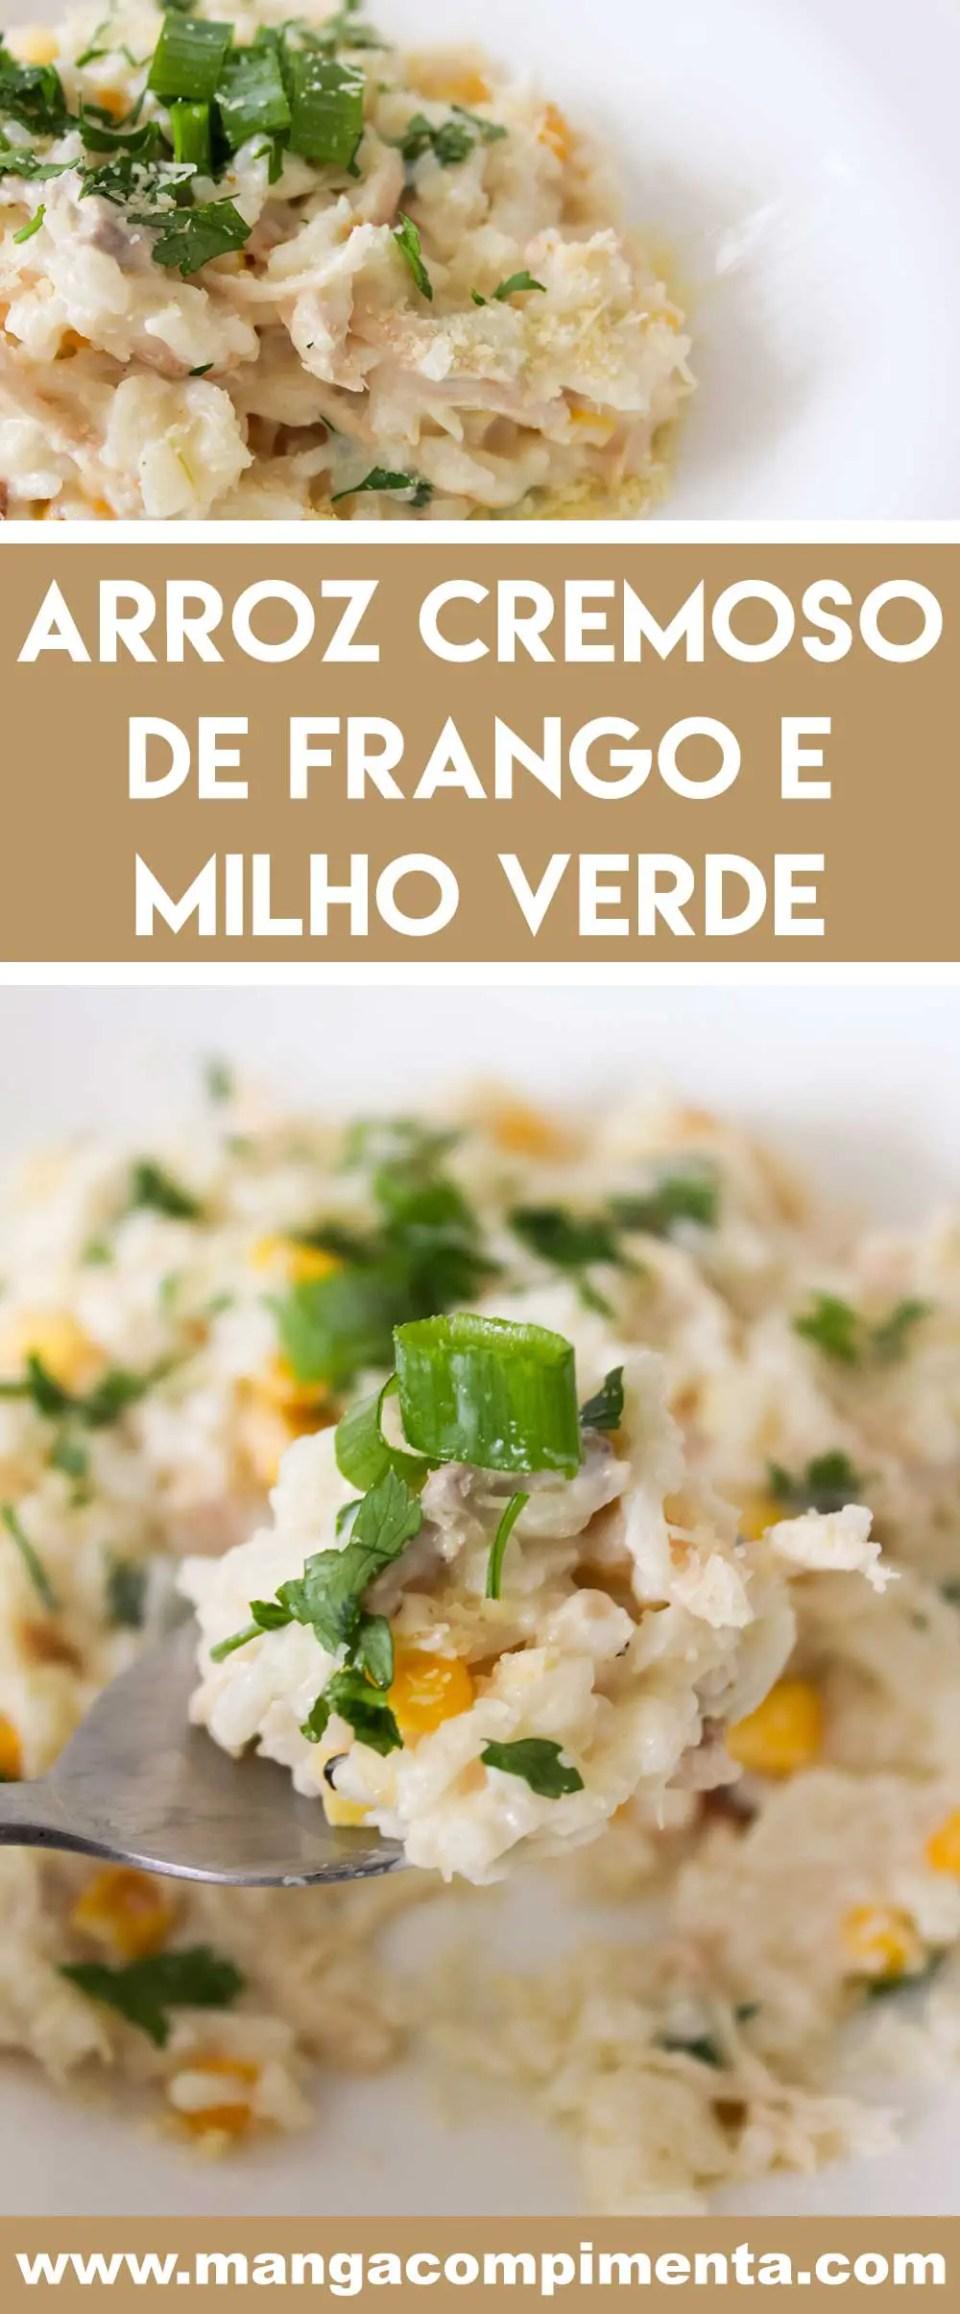 Receita de Arroz Cremoso de Frango e Milho Verde - prato delicioso para o Natal, Ano Novo ou uma data especial!